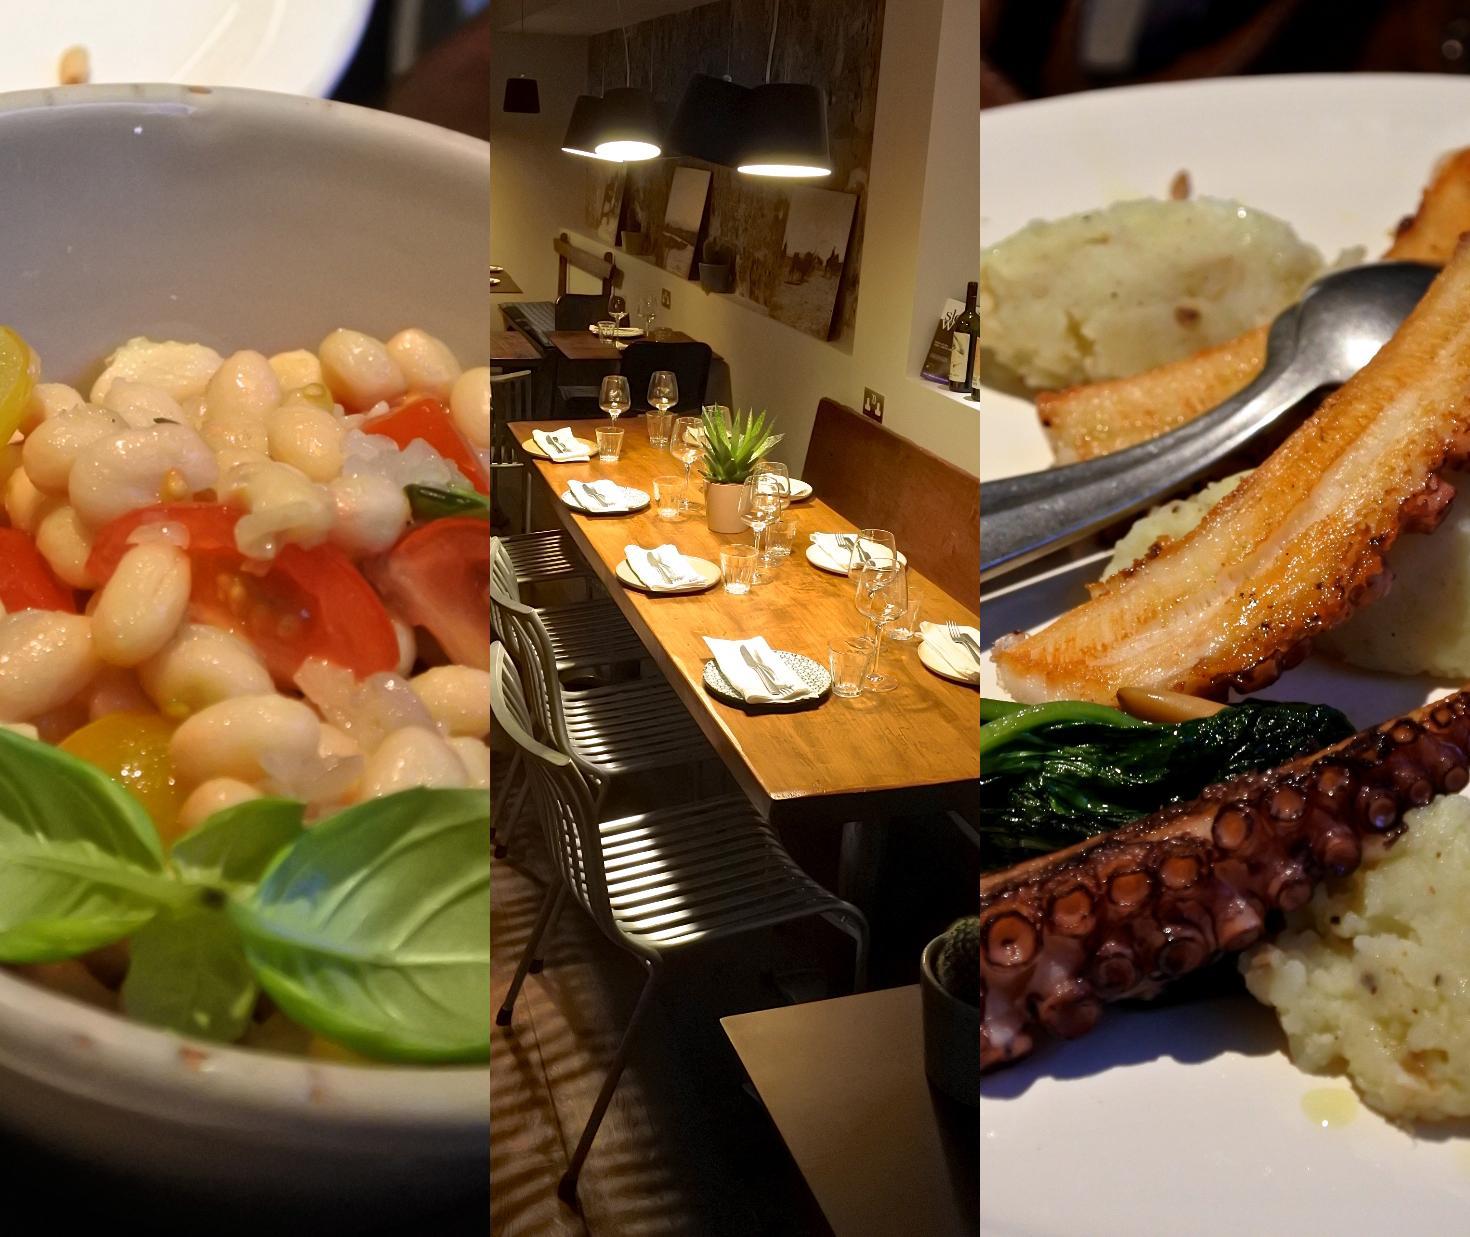 タコのグリル、上手に調理されていました。左は豆のサイド・サラダ。店内は細長くて、手前がバーと数席のテーブルがあり、奥にメイン・ダイニングがあります。